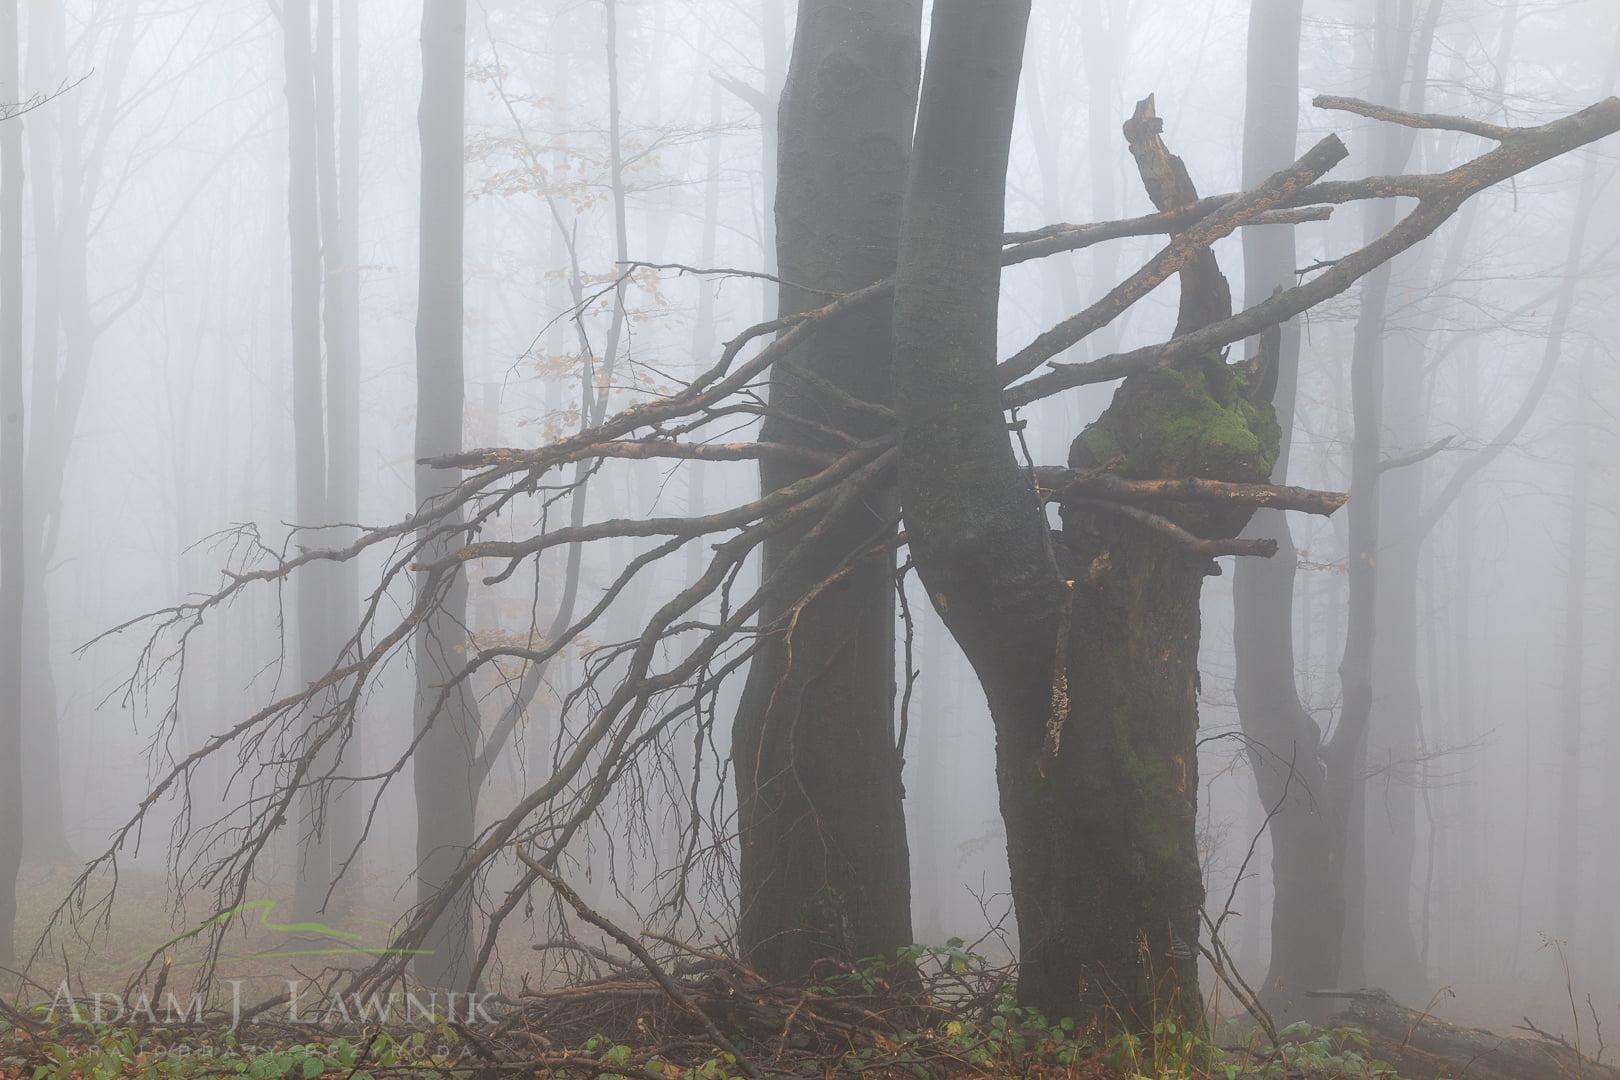 Bieszczady Mountains, Poland 0710-02104C